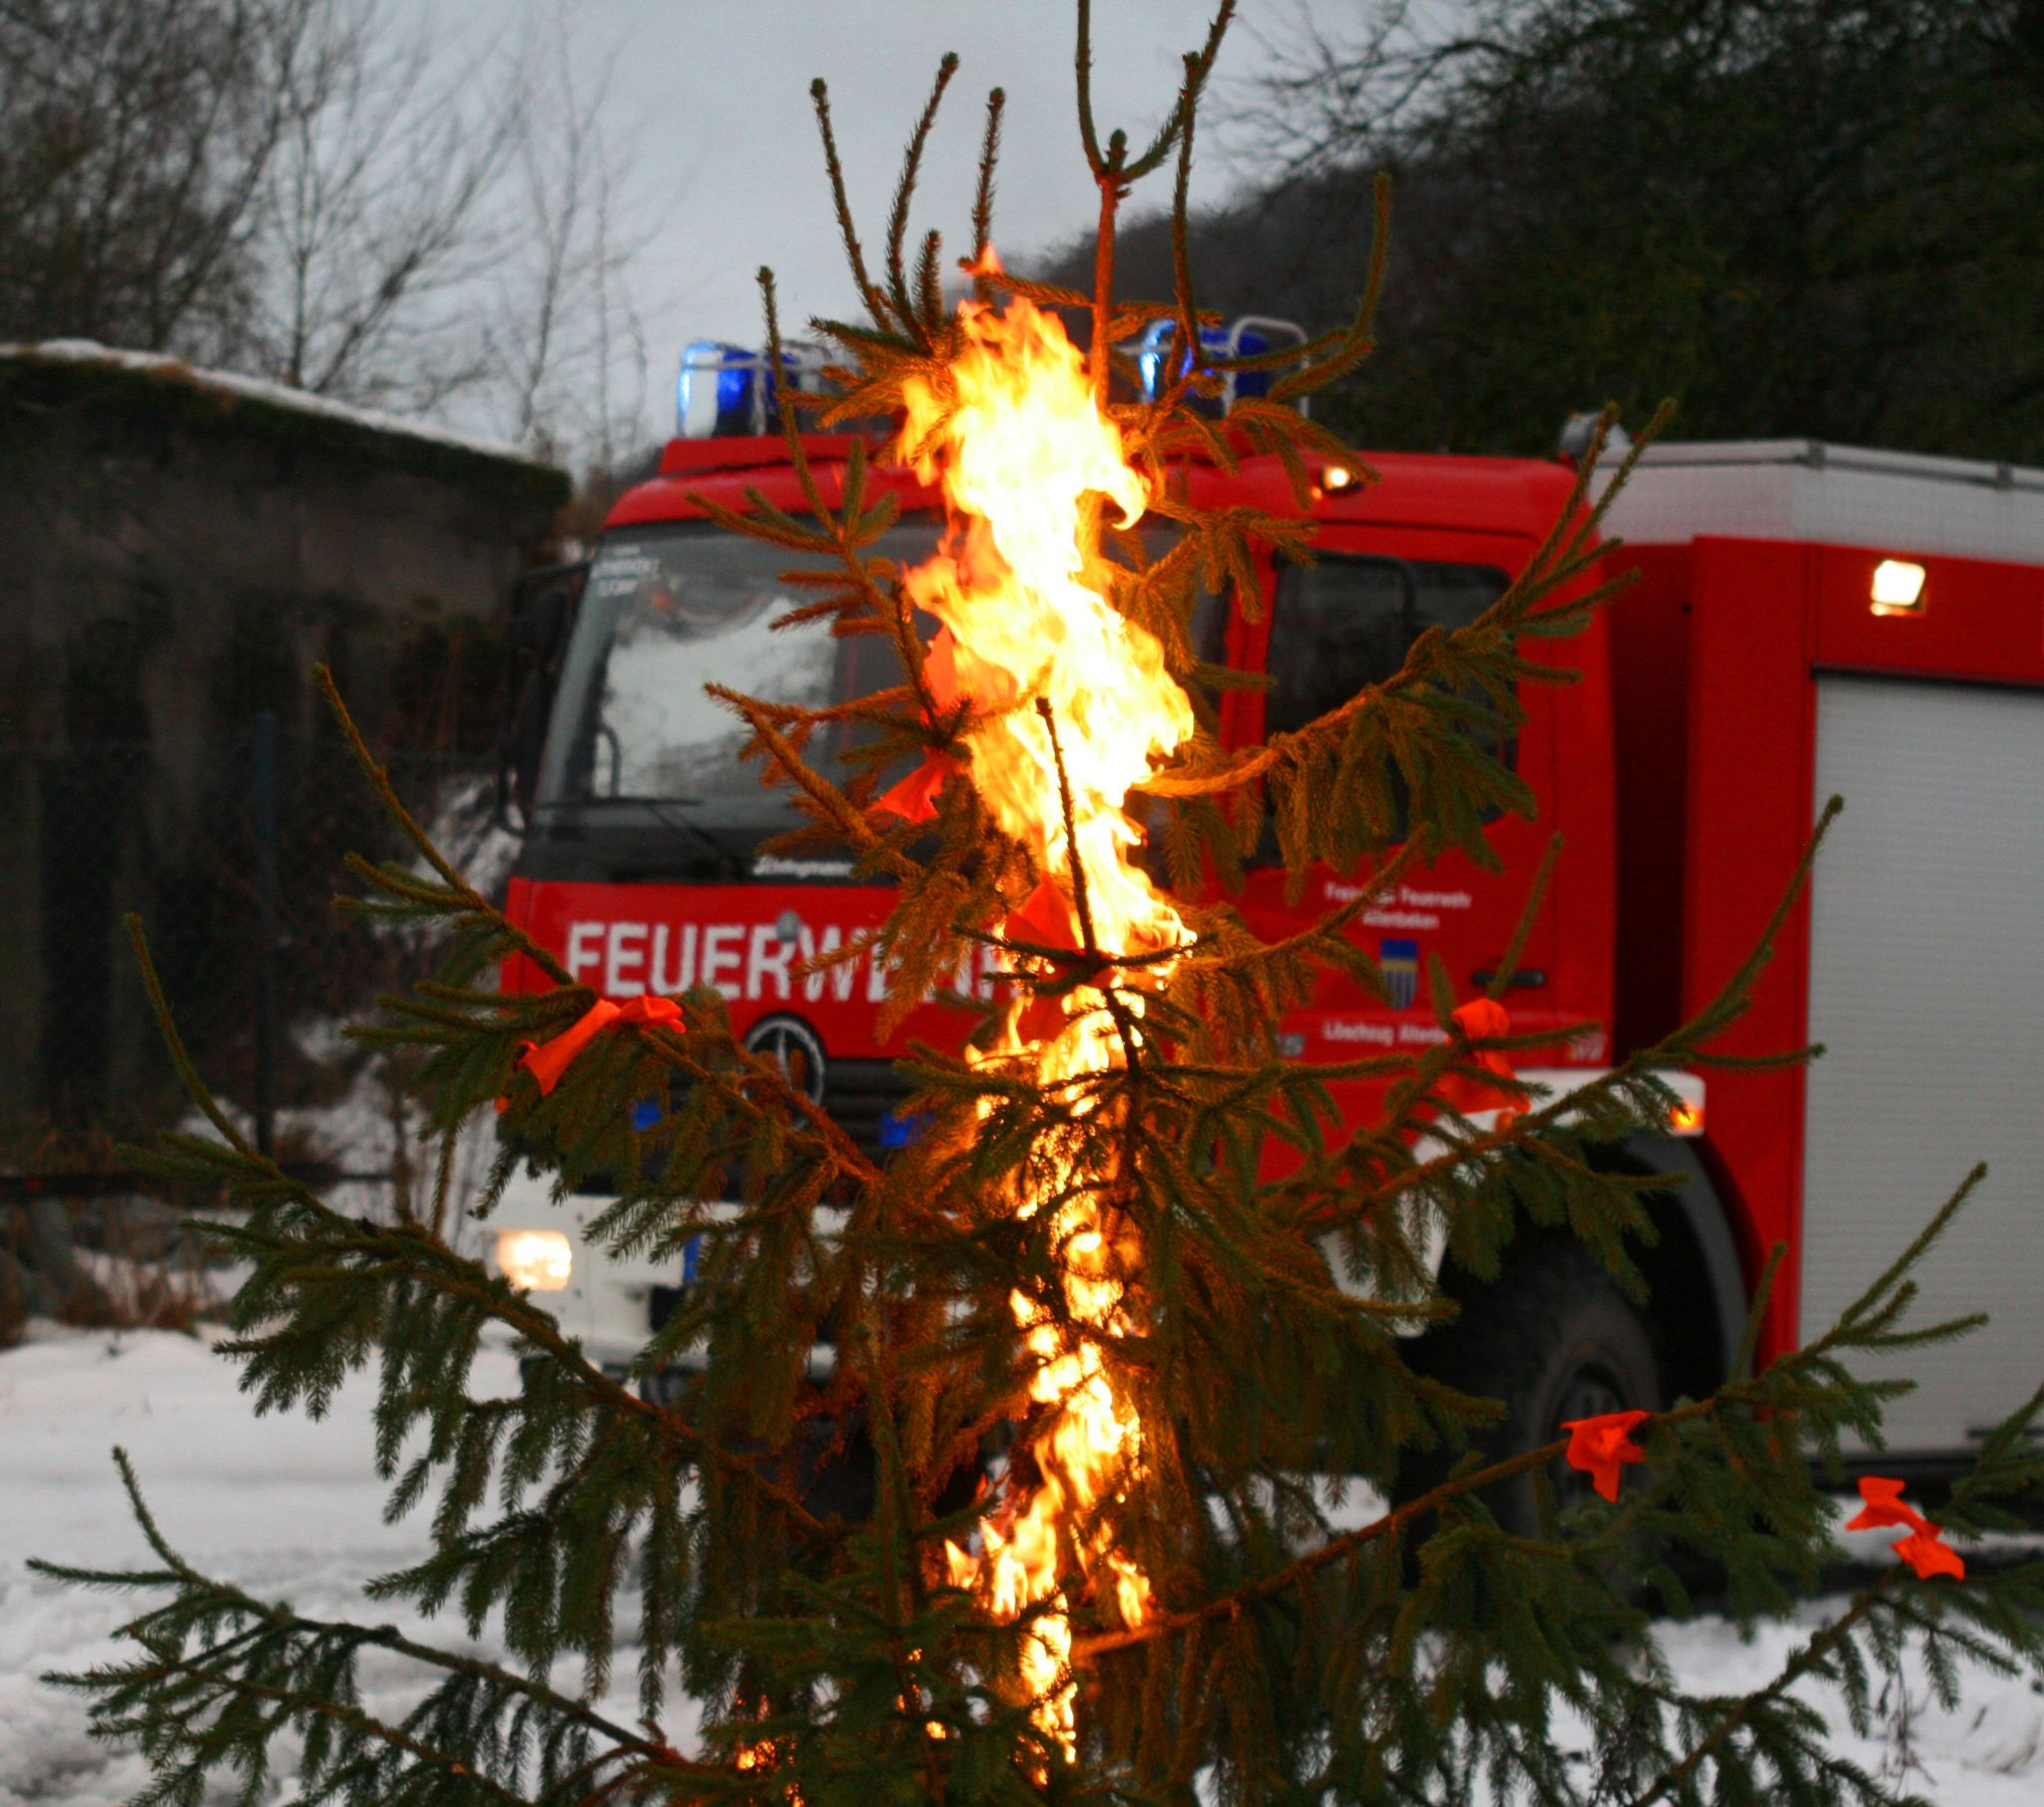 20141205 Weihnachtsbaum brennt